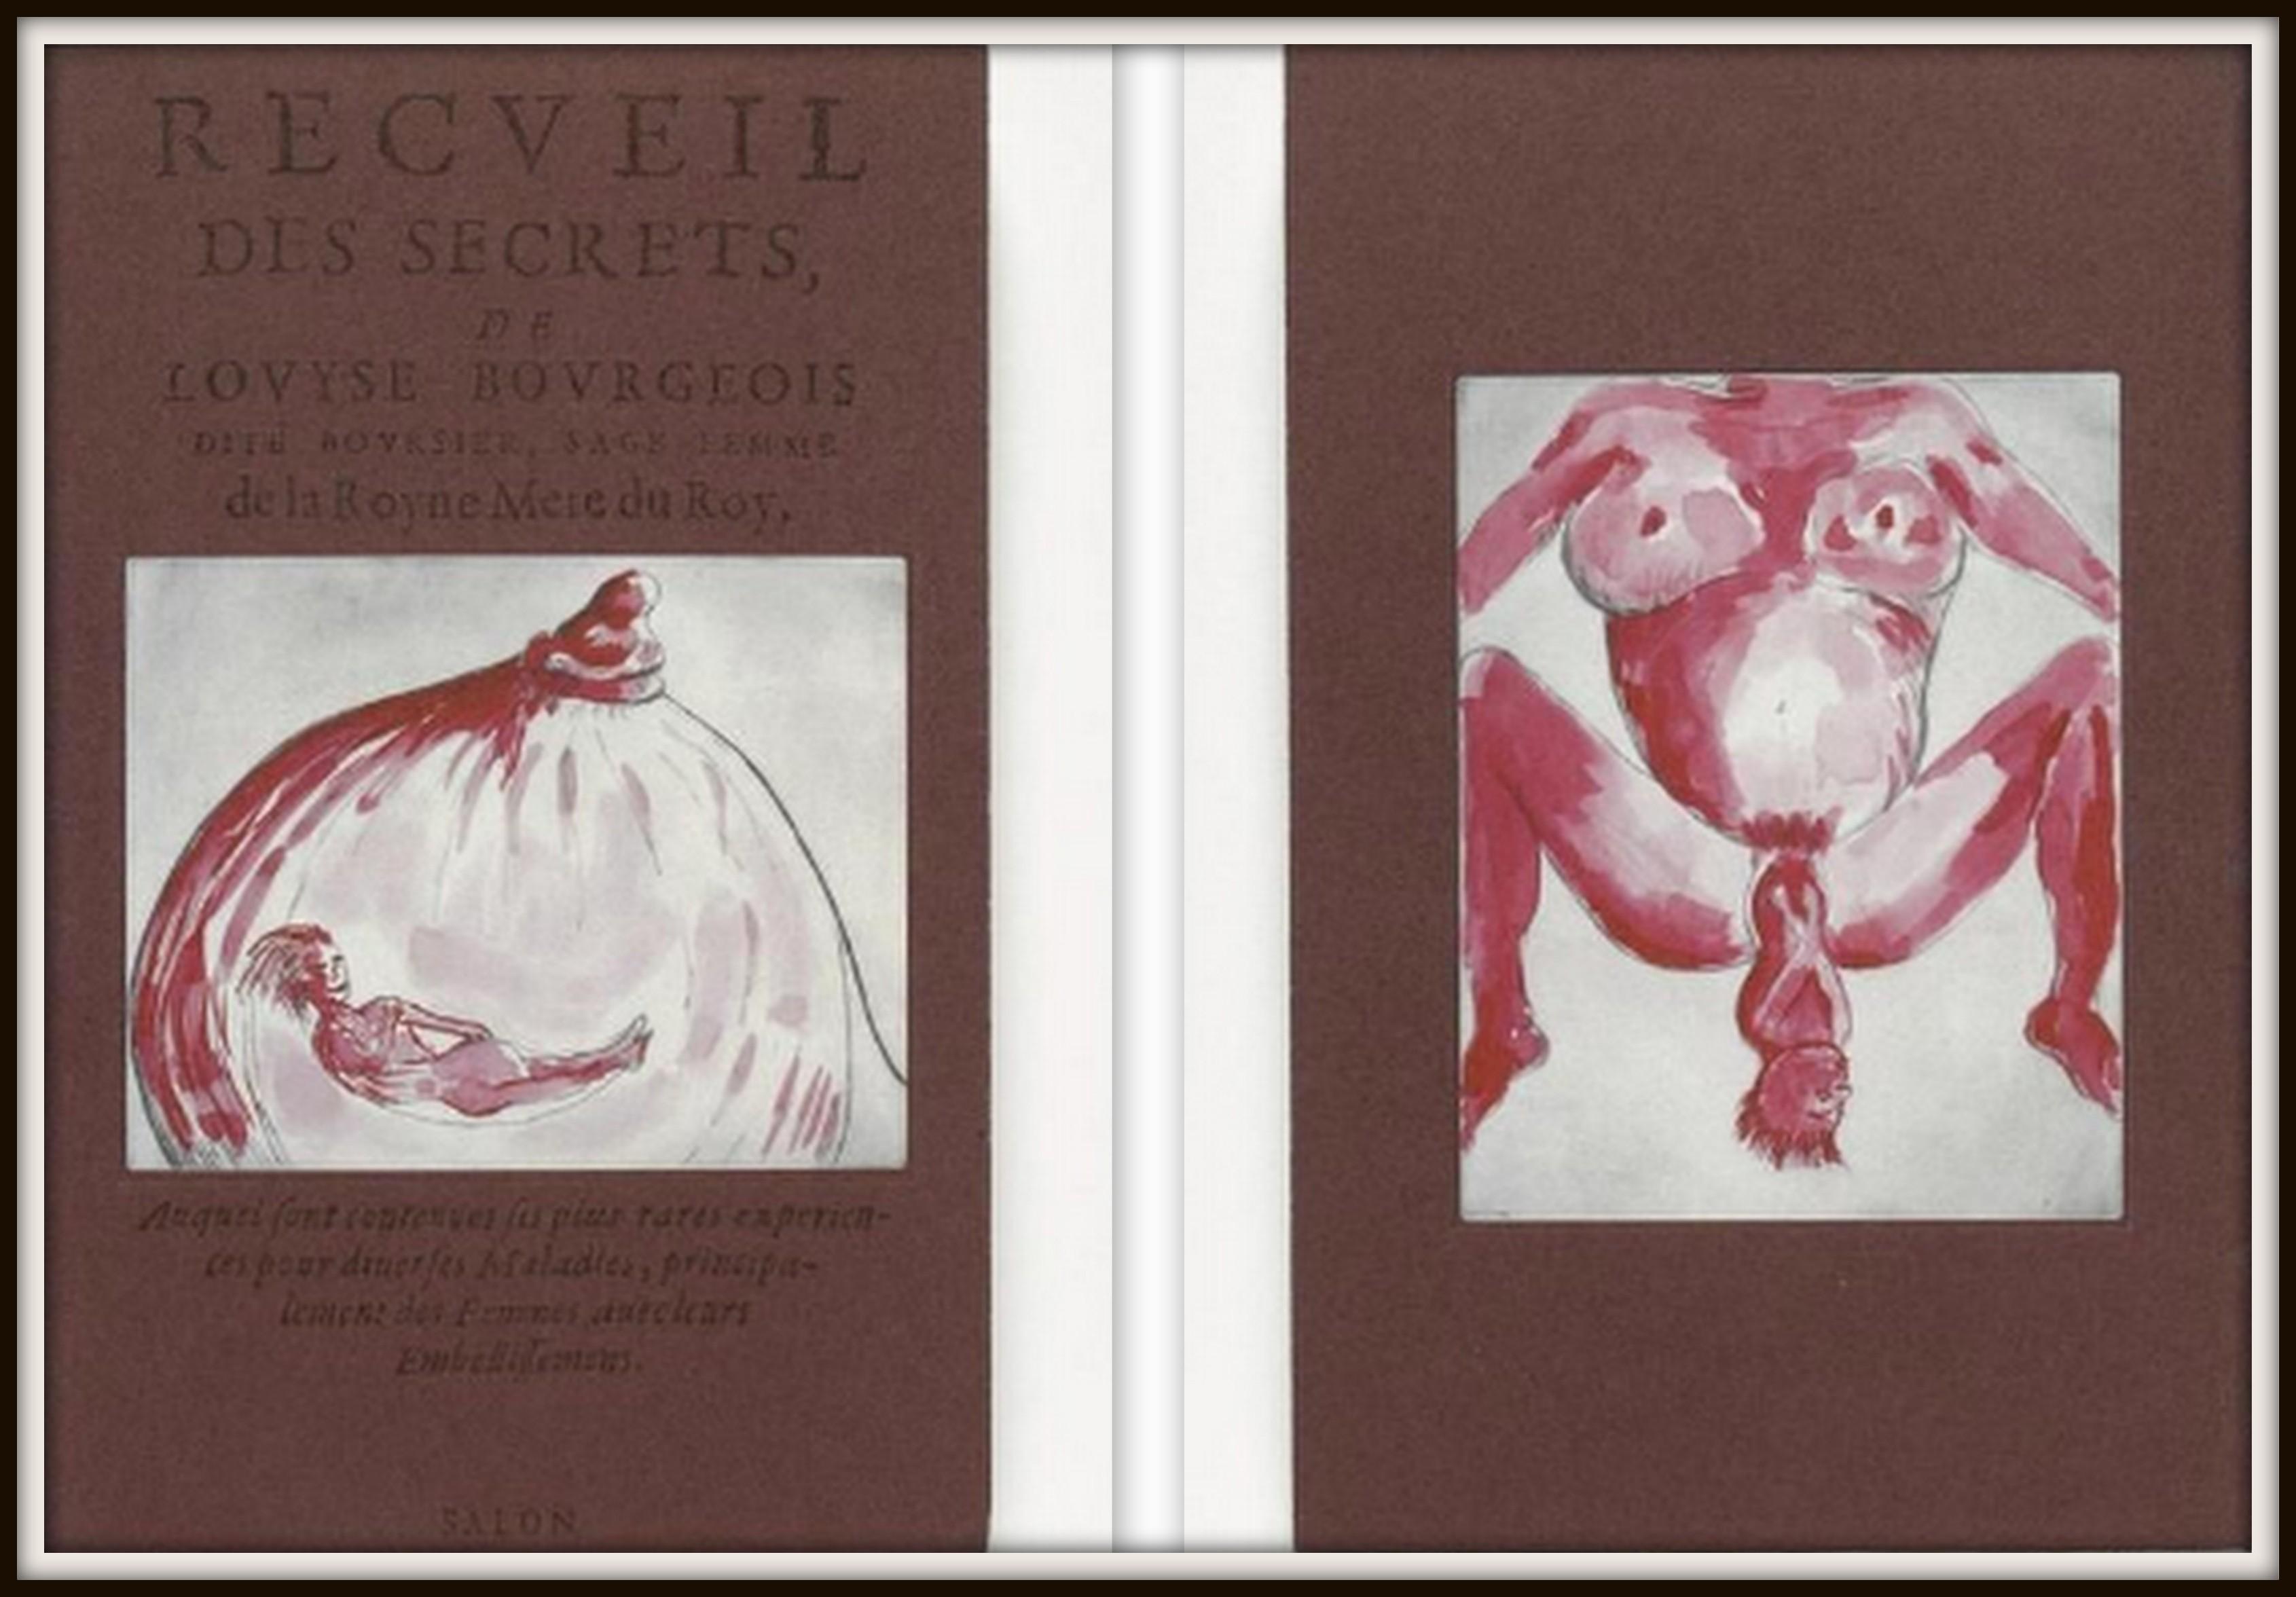 Le recueil de secrets par LOUISE BOURGEOIS - 2005